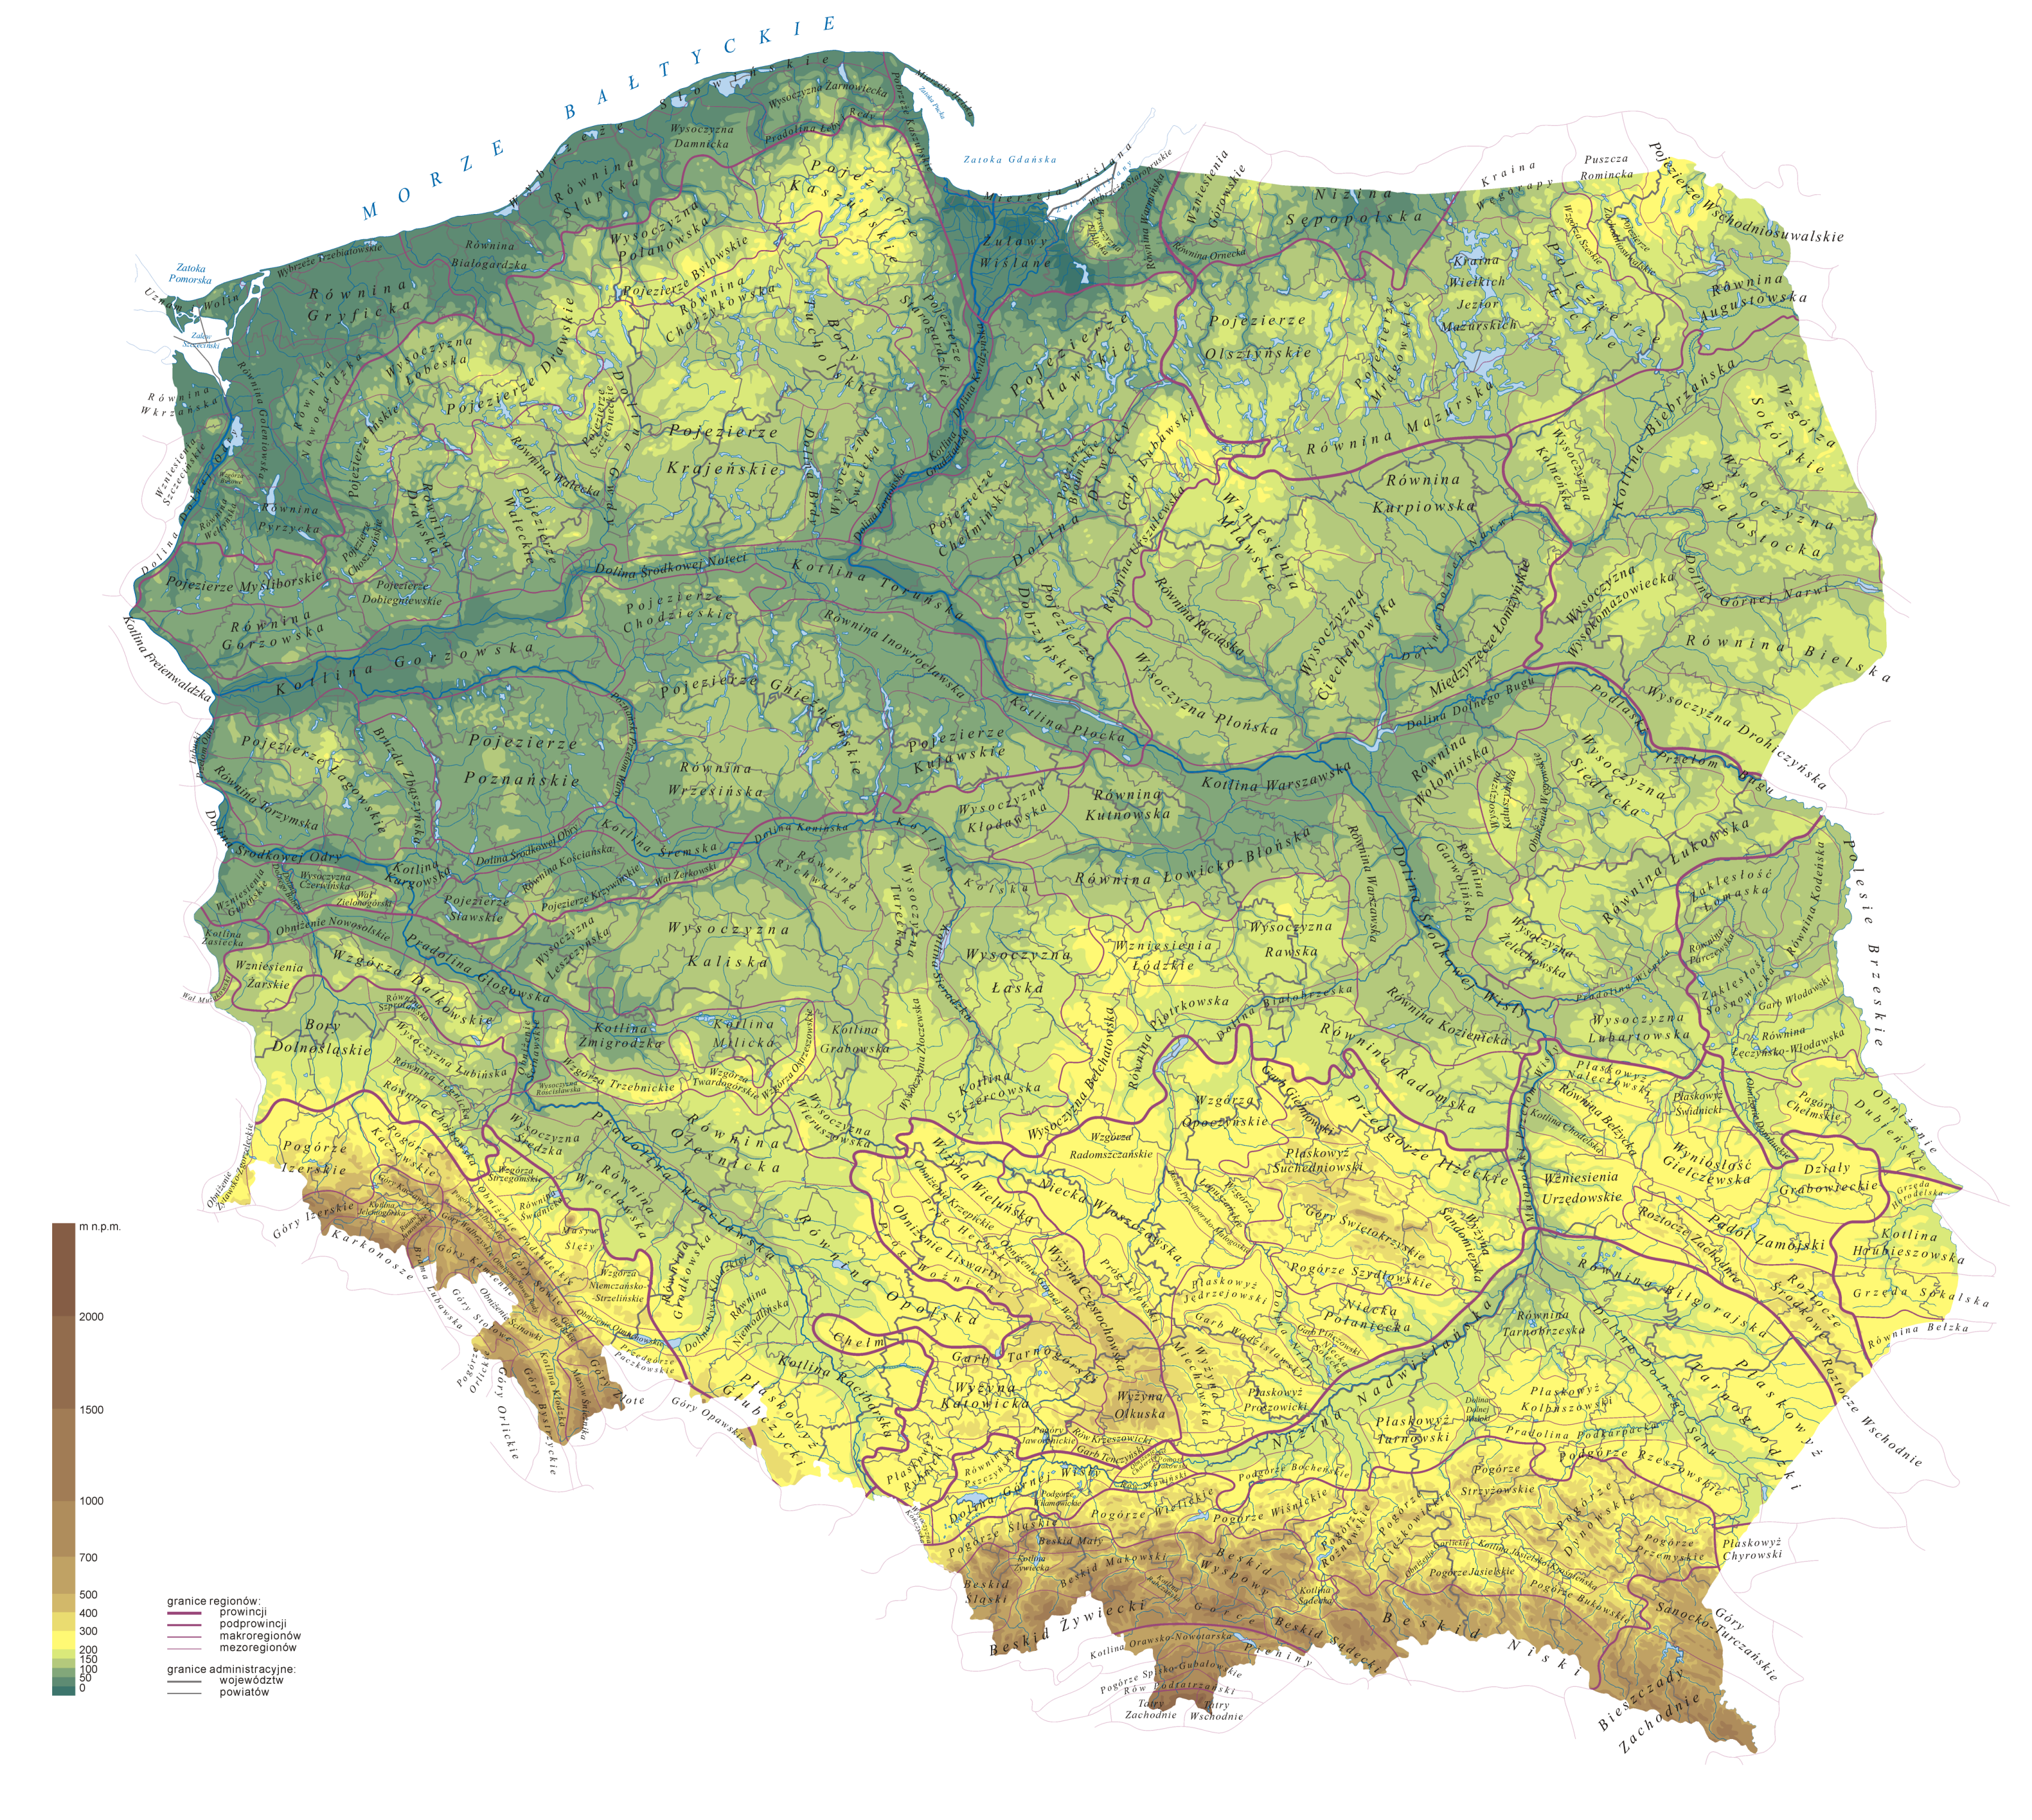 Regiony Kondrackiego hipsometriapng Atlas of Poland Wikimedia